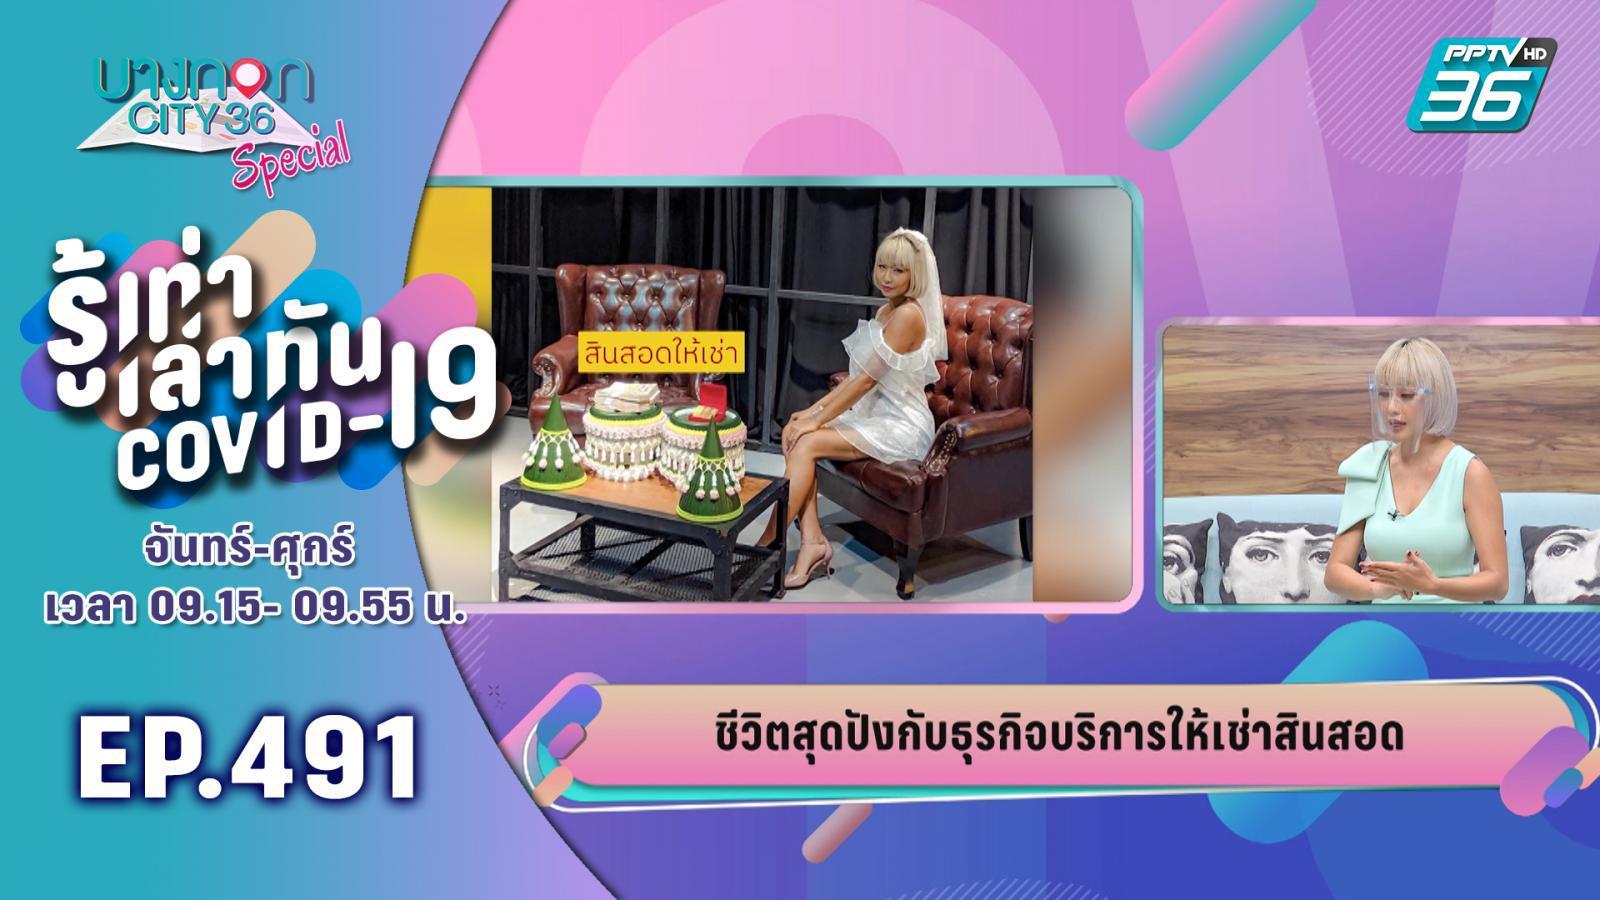 เจาะลึกธุรกิจเช่าสินสอด เจ้าแรกของประเทศไทย